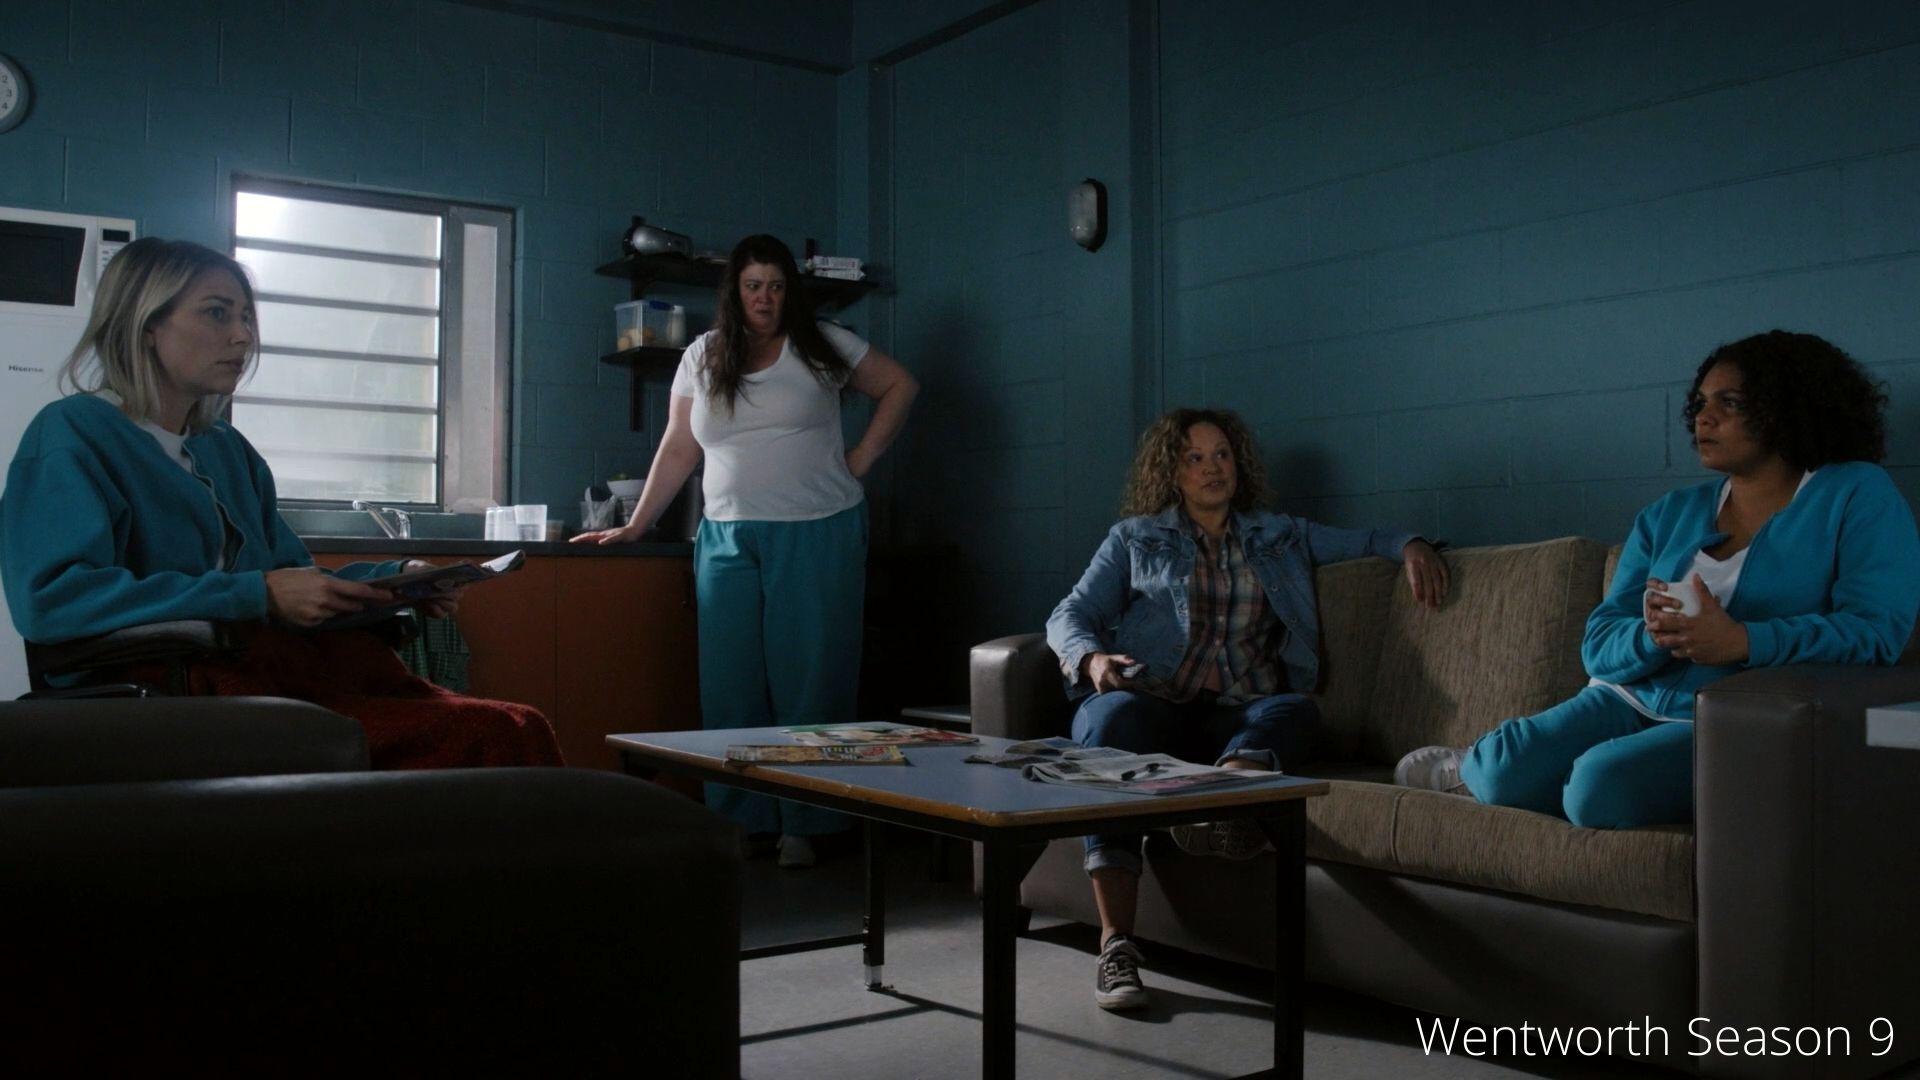 Wentworth Season 9 Episode 9